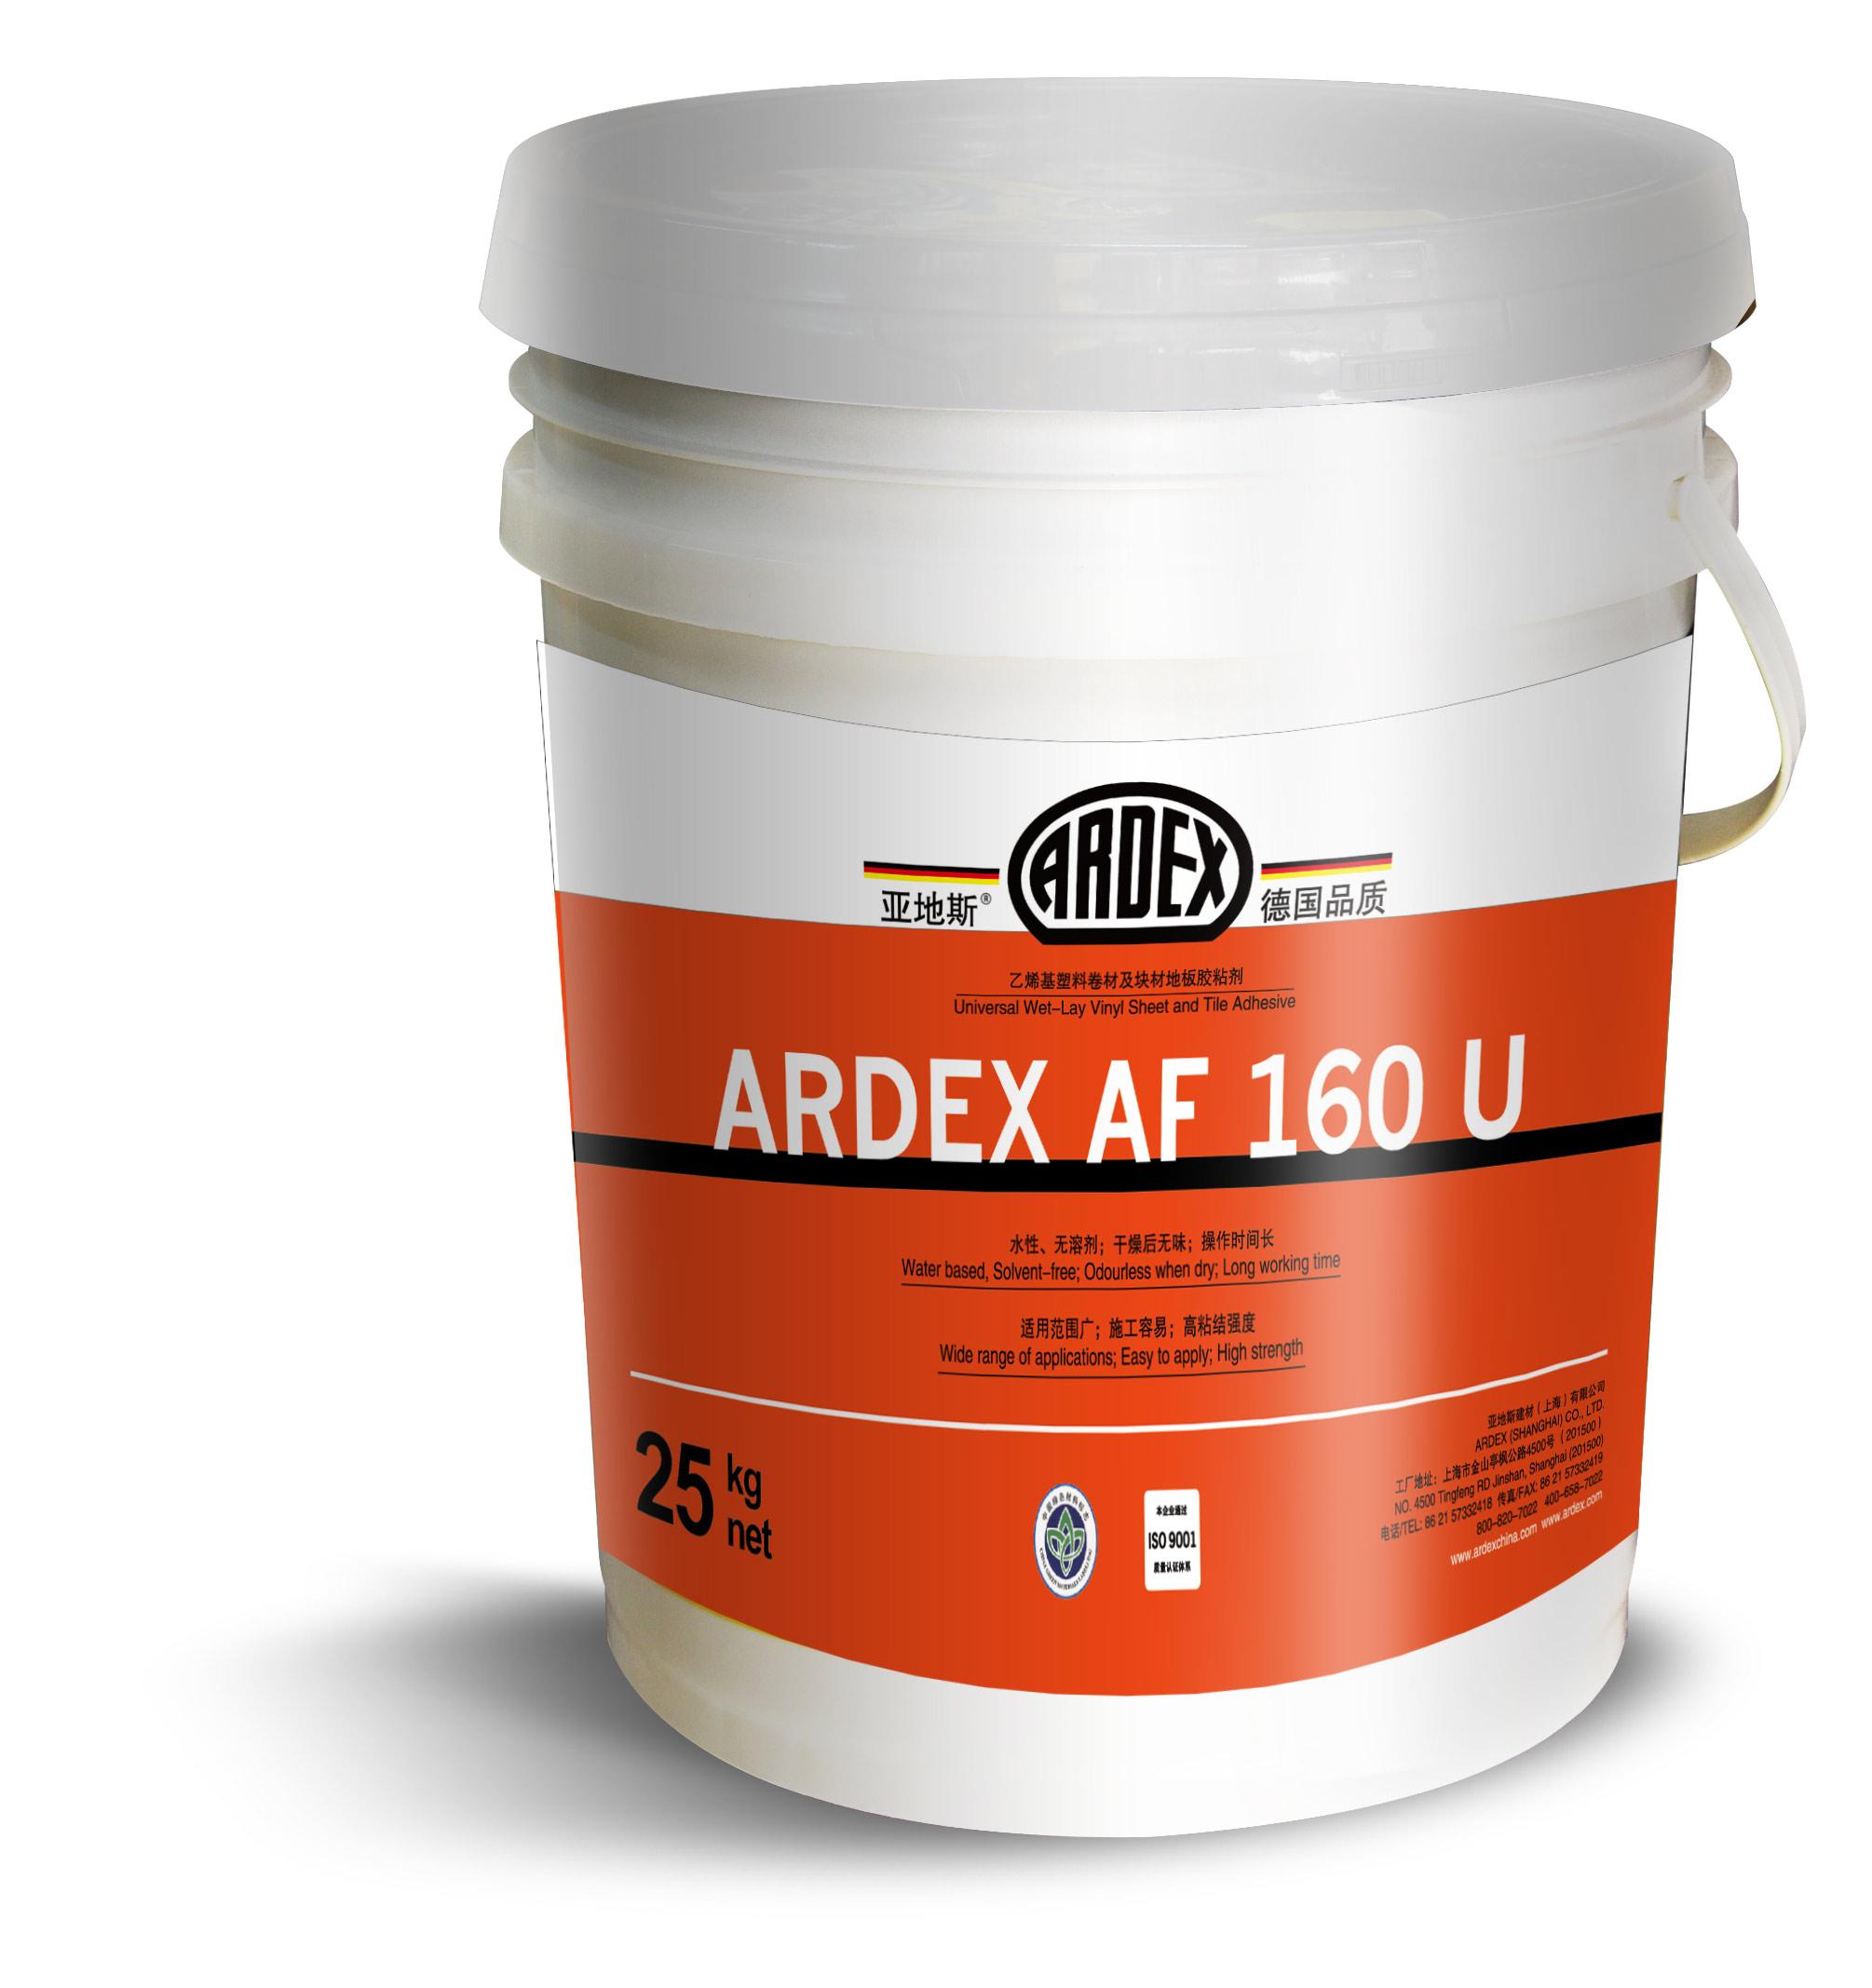 ARDEX AF160U